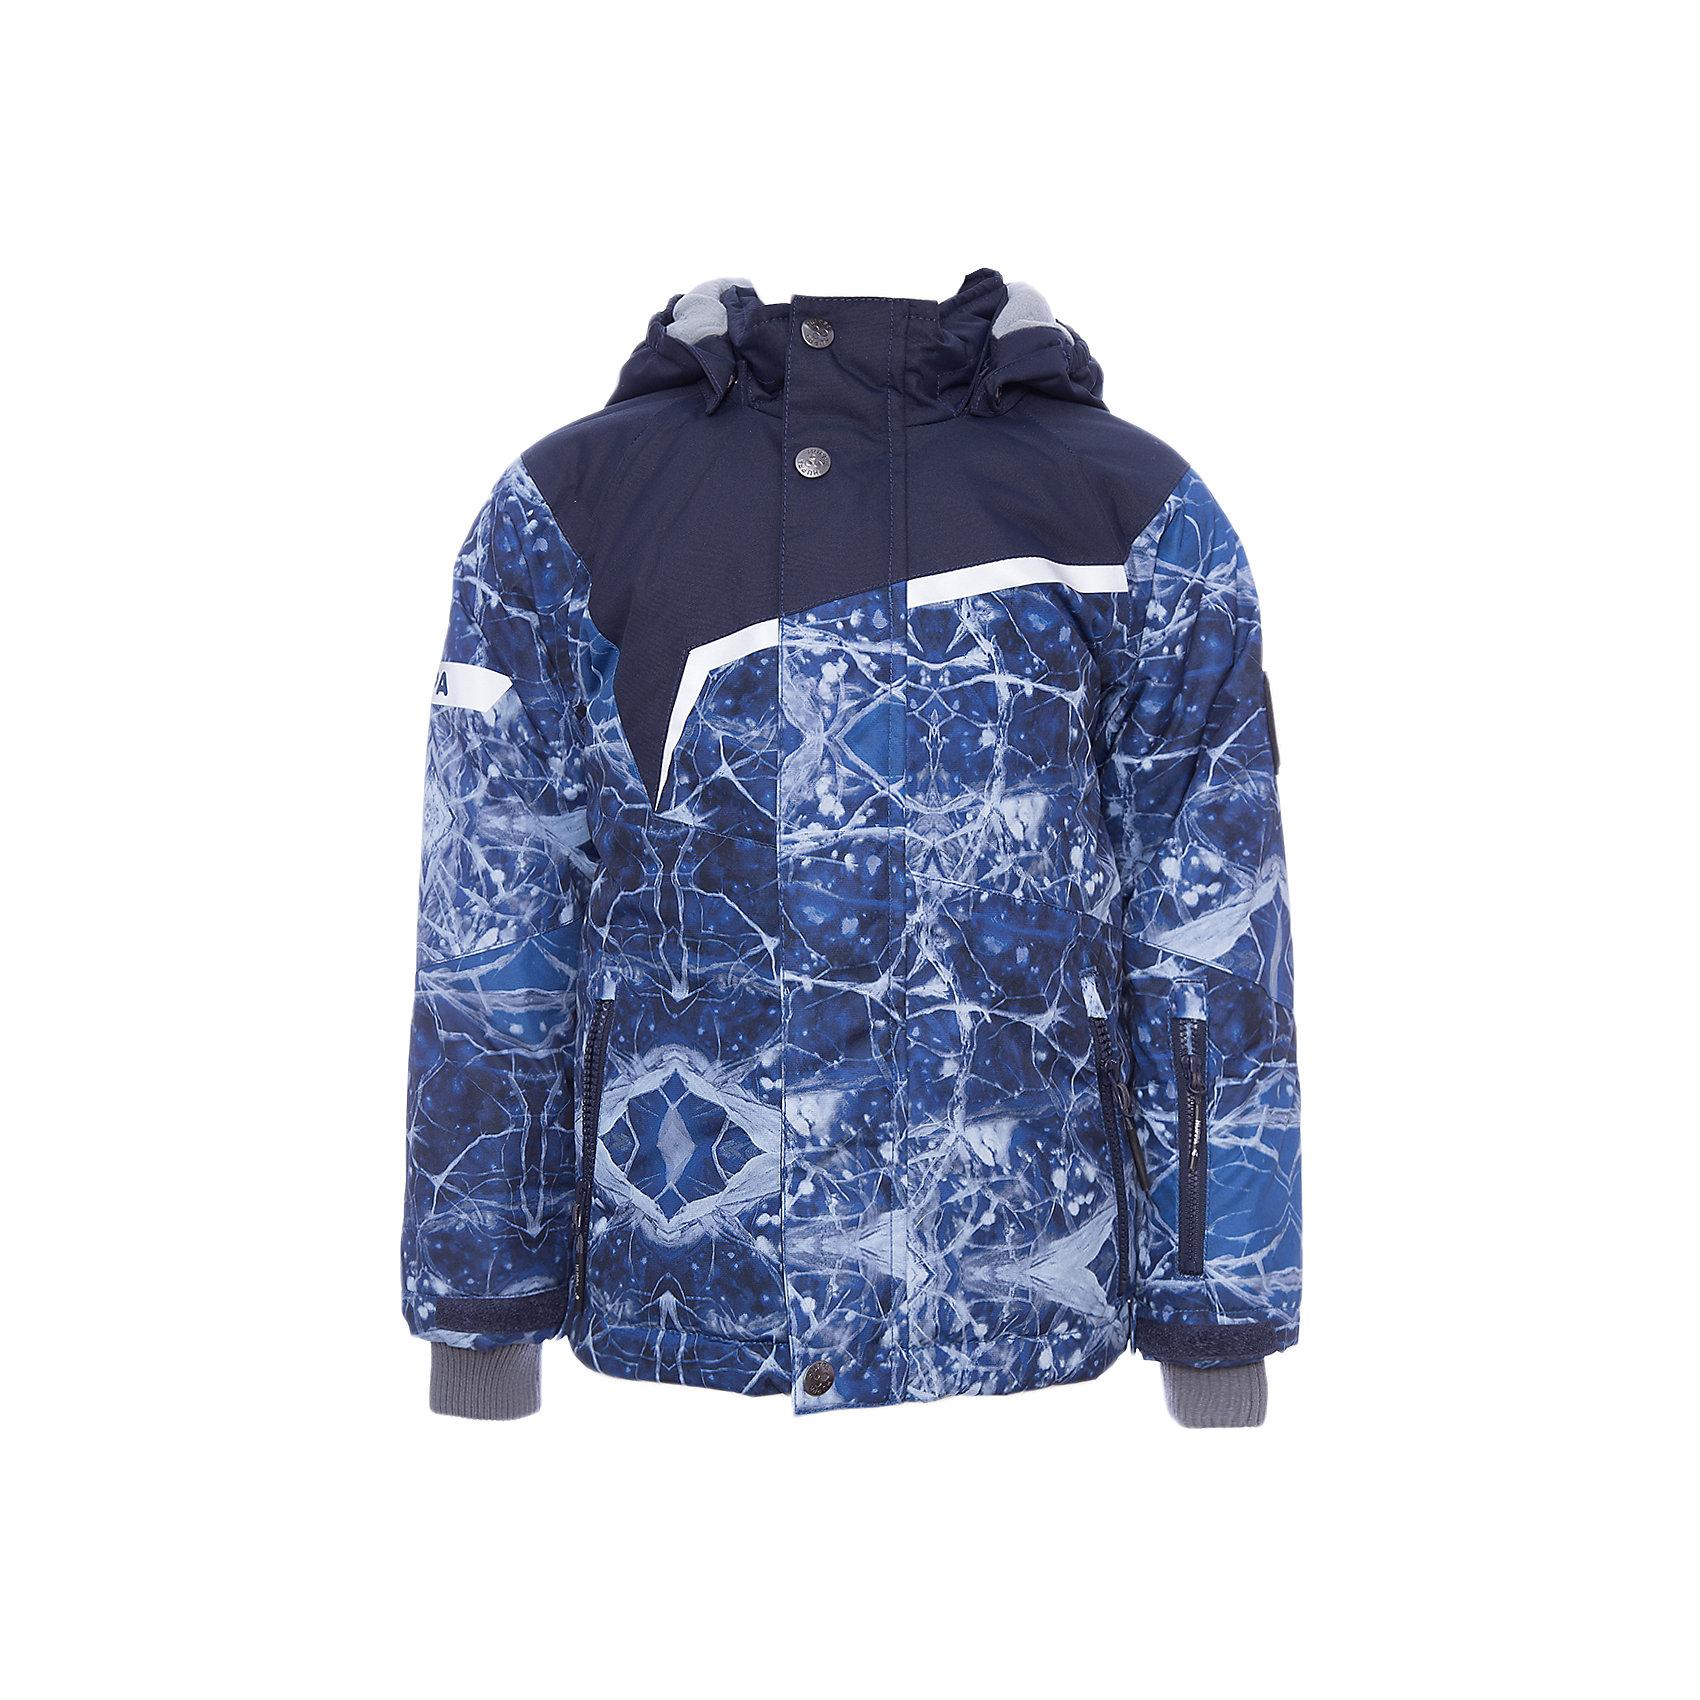 Куртка ISLA HuppaЗимние куртки<br>Характеристики товара:<br><br>• модель: Isla;<br>• цвет: синий принт/синий;<br>• состав: 100% полиэстер;<br>• утеплитель: полиэстер,200 гр.;<br>• подкладка: полиэстер, тафта, флис, теплоотражающая подкладка Huppa tec;<br>• сезон: зима;<br>• температурный режим: от -5 до - 20С;<br>• водонепроницаемость: 10000 мм;<br>• воздухопроницаемость: 10000 г/м2/24ч;<br>• все швы проклеены и не пропускают влагу;<br>• защитная планка молнии на кнопках;<br>• защита подбородка от защемления;<br>• наличие внутренней снегозащиты куртки;<br>• капюшон крепится на кнопки и, при необходимости, отстегивается;<br>• эластичный шнур с фиксатором;<br>• внутренний и боковые карманы застегиваются на молнию;<br>• светоотражающие элементы для безопасности ребенка;<br>• регулируемые рукава на липучке с дополнительным вязаным манжетом внутри; <br>• страна бренда: Финляндия;<br>• страна изготовитель: Эстония.<br><br>Куртка Isla  для мальчика изготовлена из водо и ветронепроницаемого, грязеотталкивающего материала.<br><br>В куртке Isla  200 грамм утеплителя, которые обеспечат тепло и комфорт ребенку при температуре от -5 до -20 градусов.Подкладка —полиэстер, тафта, флис, теплоотражающая подкладка Huppa tec.<br><br>Функциональные элементы: капюшон отстегивается с помощью кнопок, защитная планка молнии на кнопках, защита подбородка от защемления, наличие внутренней снегозащиты куртки,эластичный шнур с фиксатором, внутренний и боковые карманы застегиваются на молнию,  регулируемые рукава на липучке с дополнительным вязаным манжетом внутри, все швы проклеены и не пропускают влагу,светоотражающие элементы. <br><br>Куртку Isla для мальчика бренда HUPPA  можно купить в нашем интернет-магазине.<br><br>Ширина мм: 356<br>Глубина мм: 10<br>Высота мм: 245<br>Вес г: 519<br>Цвет: синий<br>Возраст от месяцев: 144<br>Возраст до месяцев: 156<br>Пол: Унисекс<br>Возраст: Детский<br>Размер: 158,104,110,116,122,128,134,140,146,152<br>SKU: 7024981